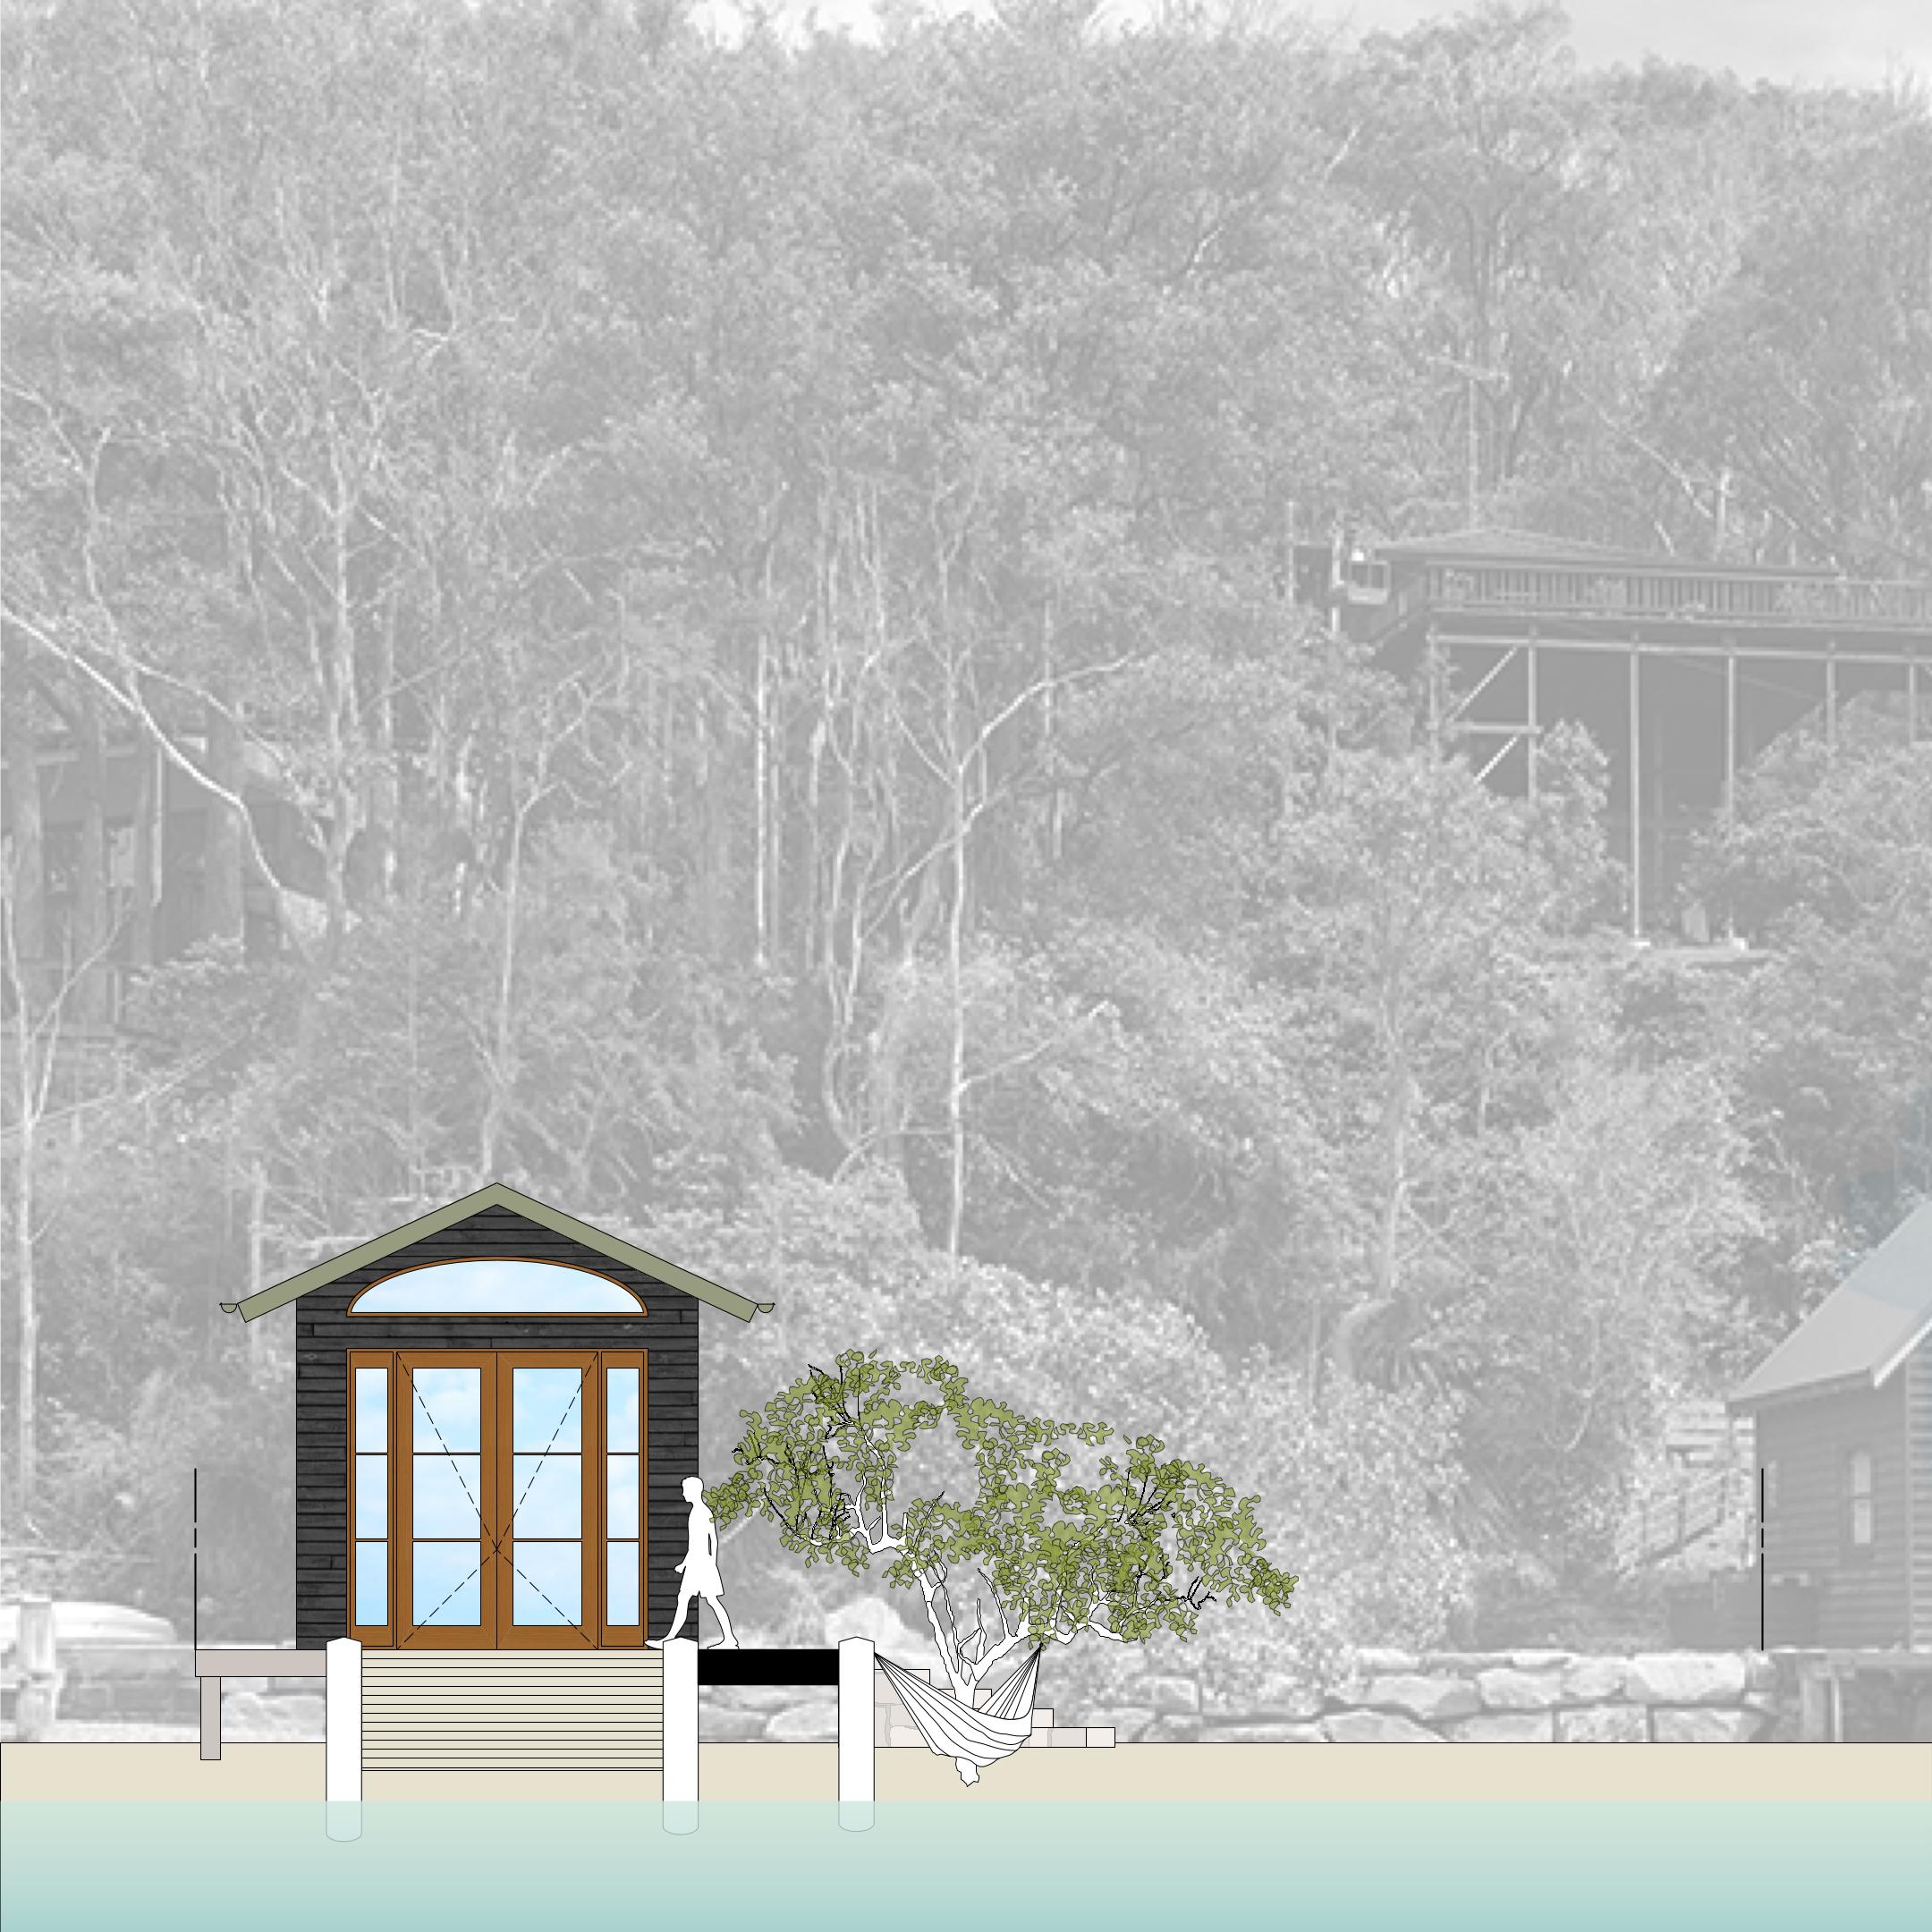 James Allen Architect Boat House 2.jpg